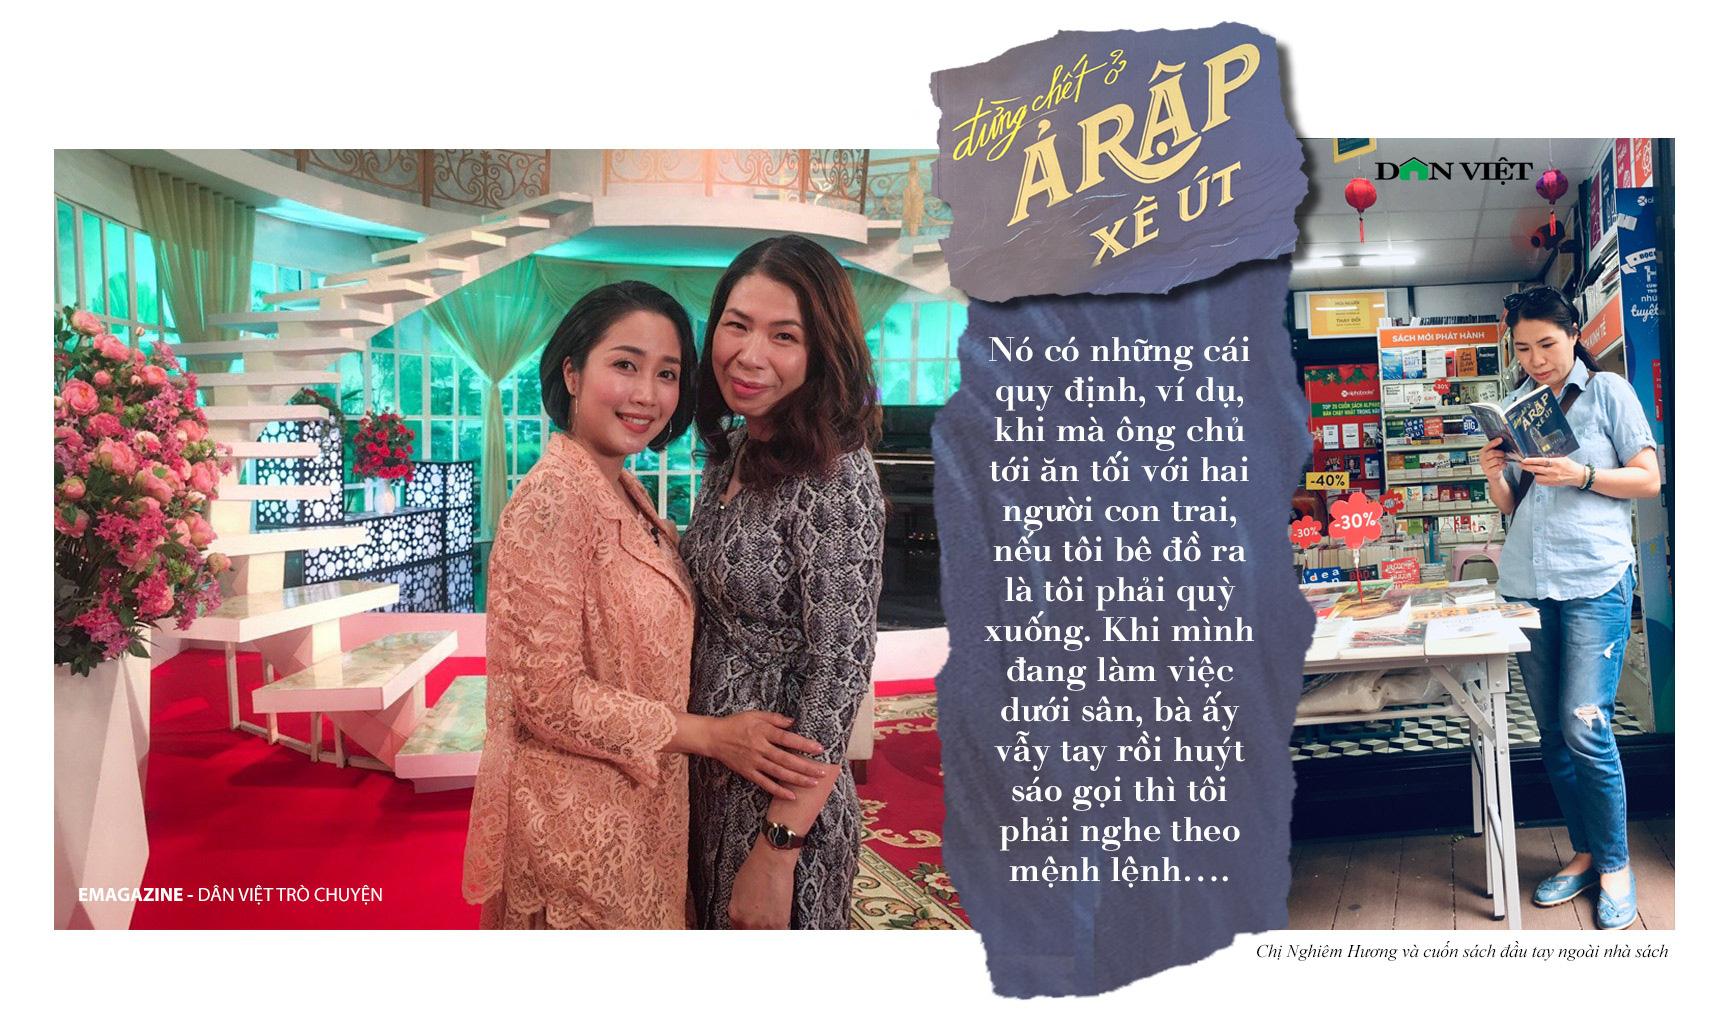 """Chị Nghiêm Hương, tác giả cuốn """"Đừng chết ở Ả Rập Xê Út"""": Già trẻ, lớn bé, xấu đẹp đều bị gạ tình hết  - Ảnh 12."""